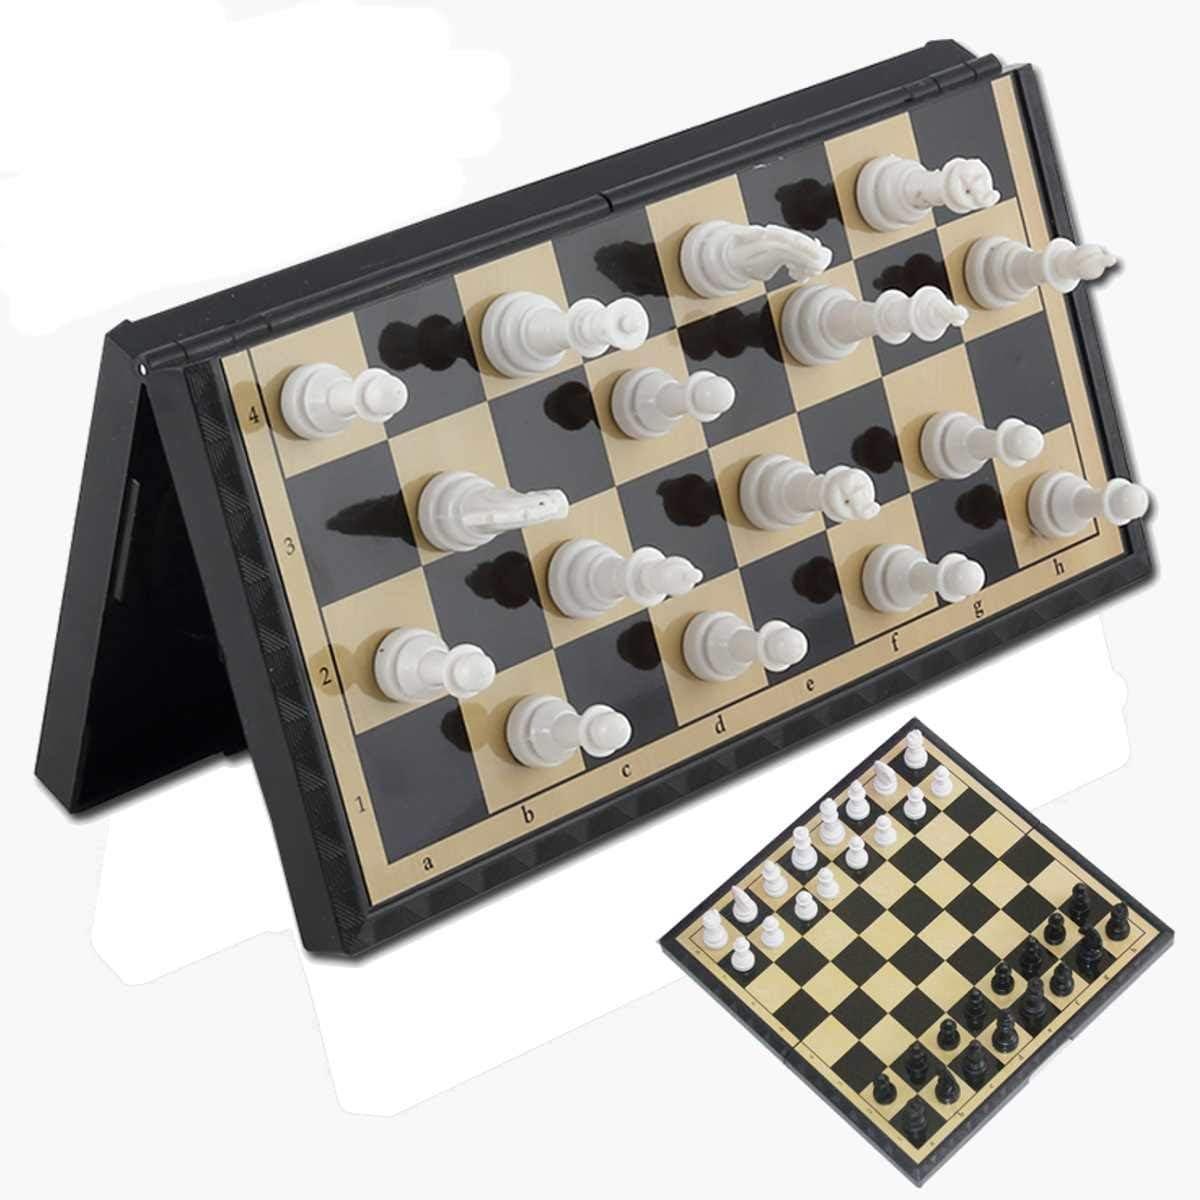 LF stores Ajedrez 3 en 1 Tablero de ajedrez magnético Plegable Juego de ajedrez de Viaje al Aire Libre Damas de Juguete Intelectualmente para niños Desarrollo Aprender ajedrez Regalo Juegos de Mesa: